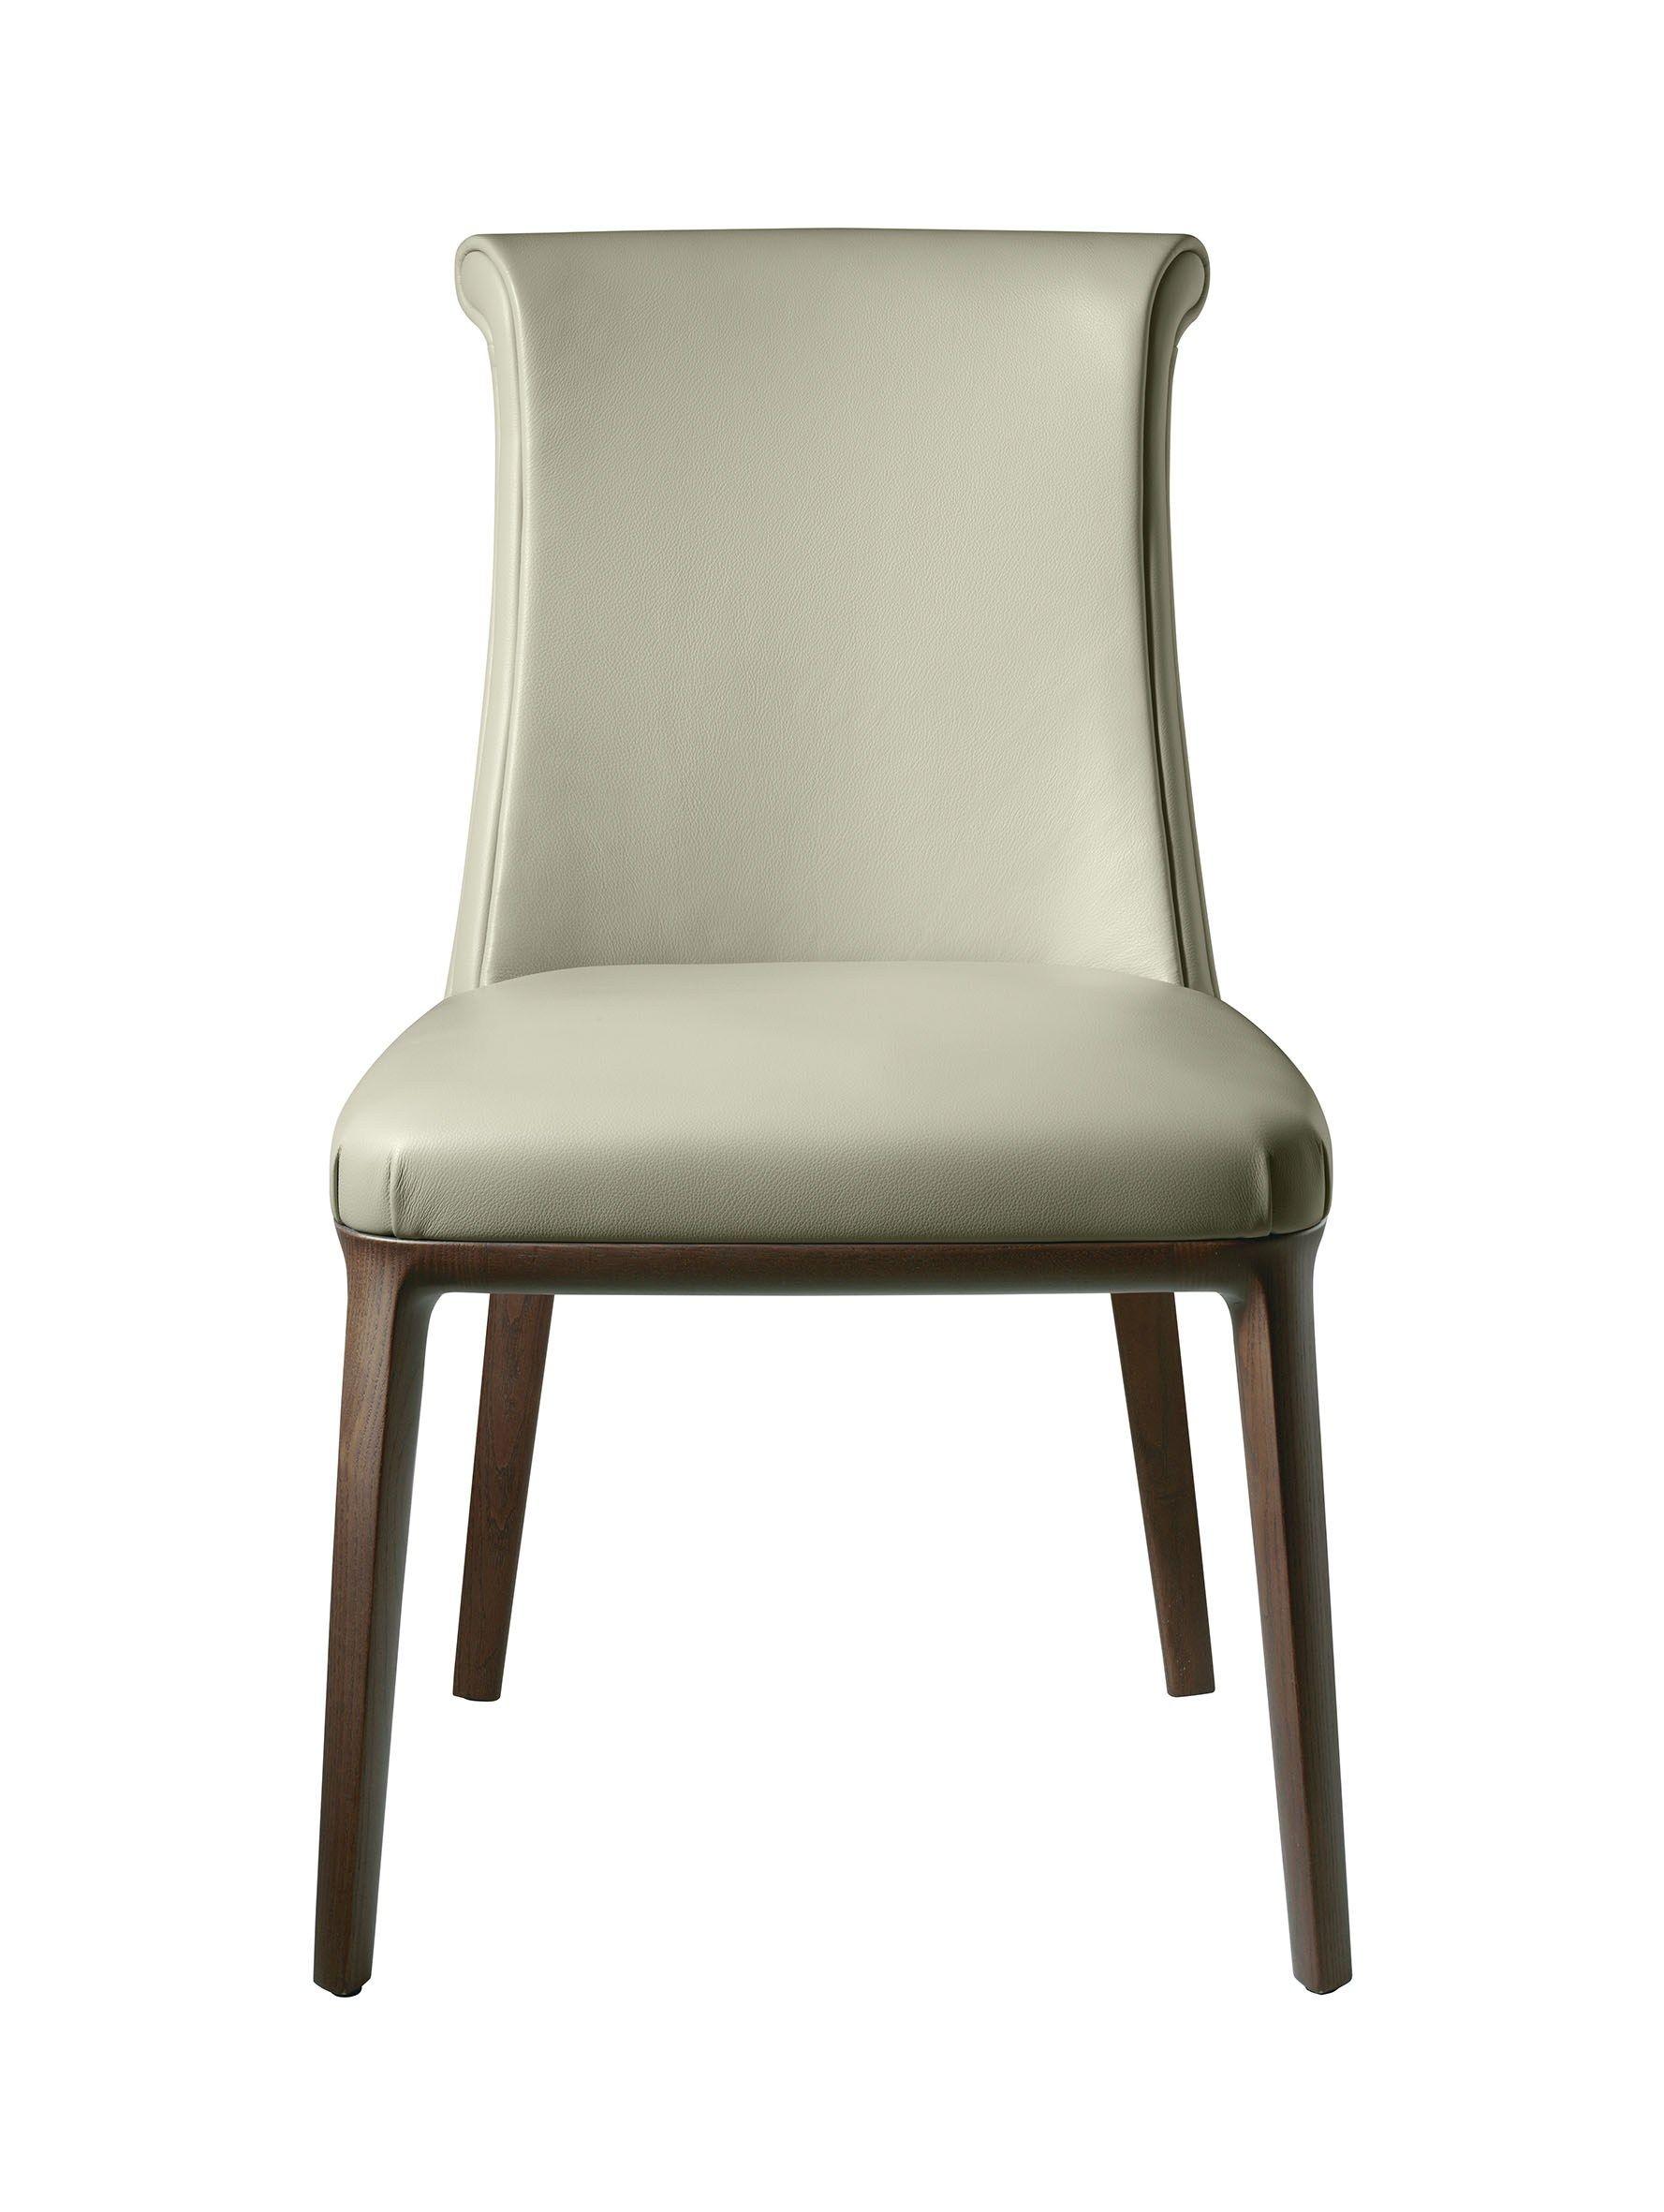 Sedia in pelle diva by poltrona frau design roberto lazzeroni for Sedie a poltrona